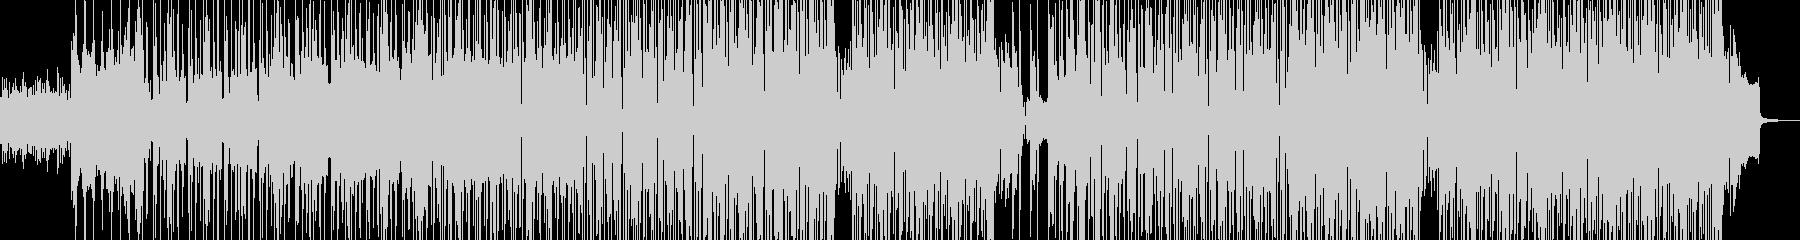 無機質でエモいヒップホップ 長尺+の未再生の波形